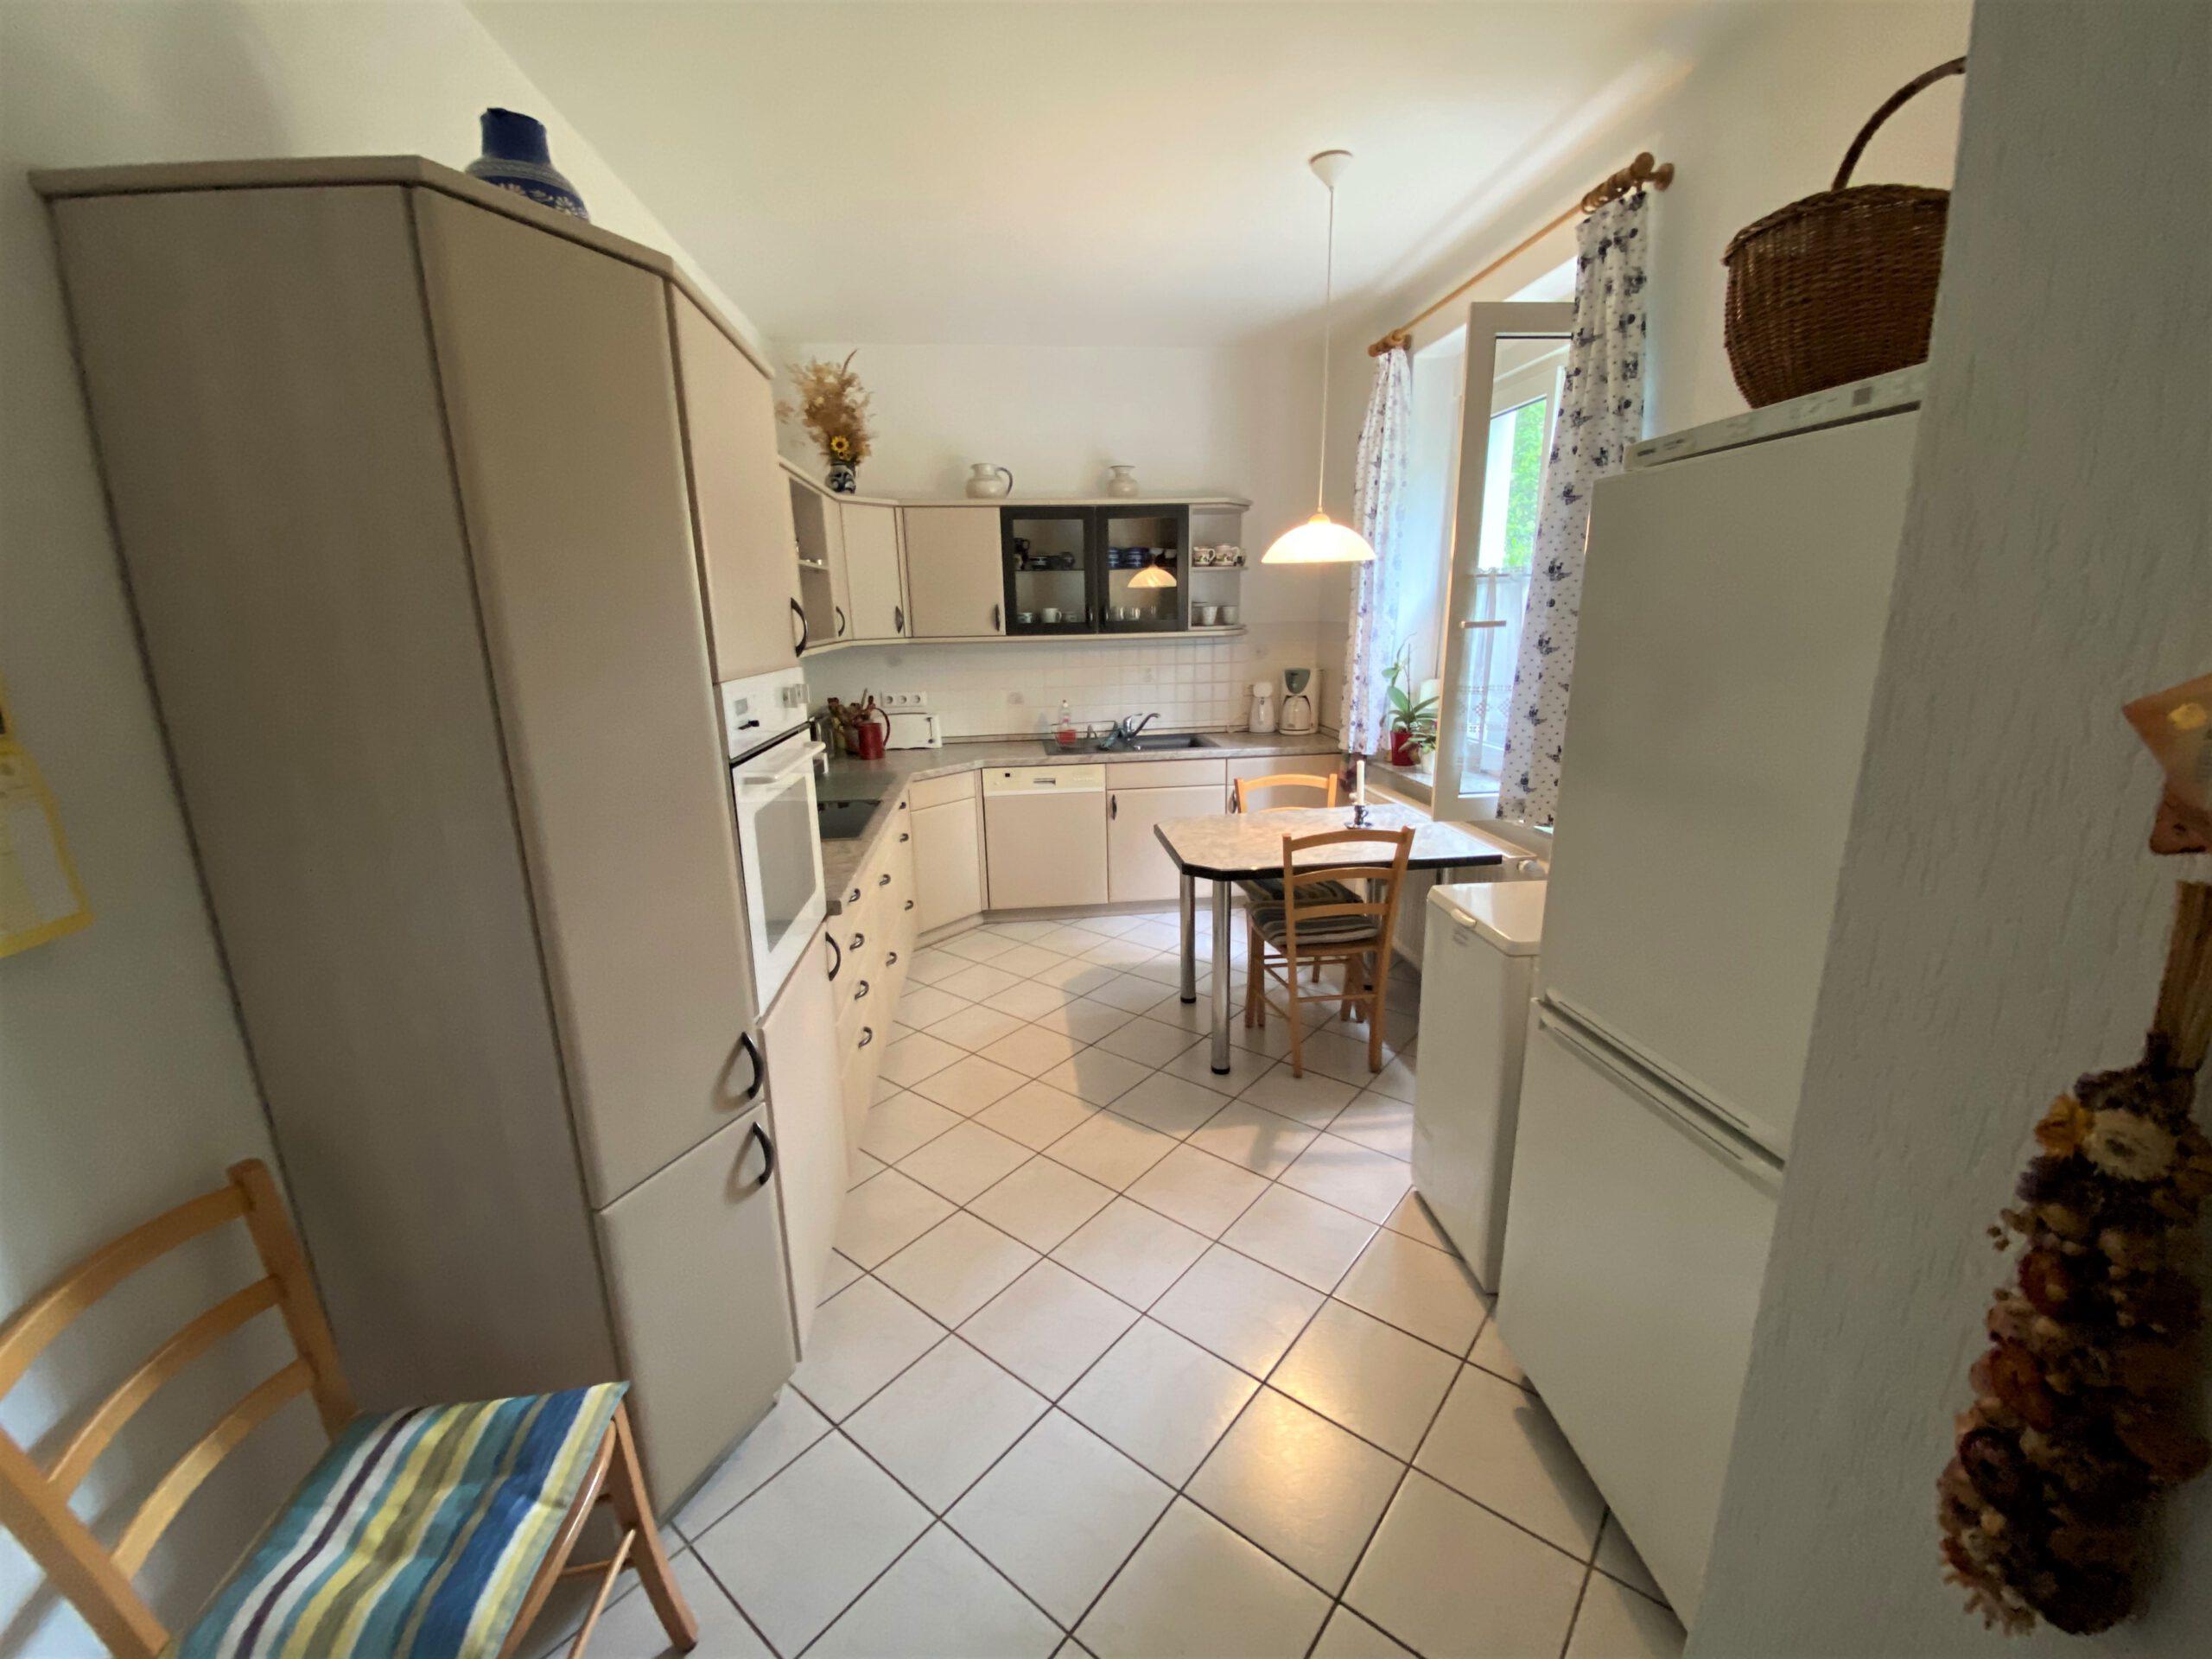 Einfamilienhaus in Leuna - helle, große Küche